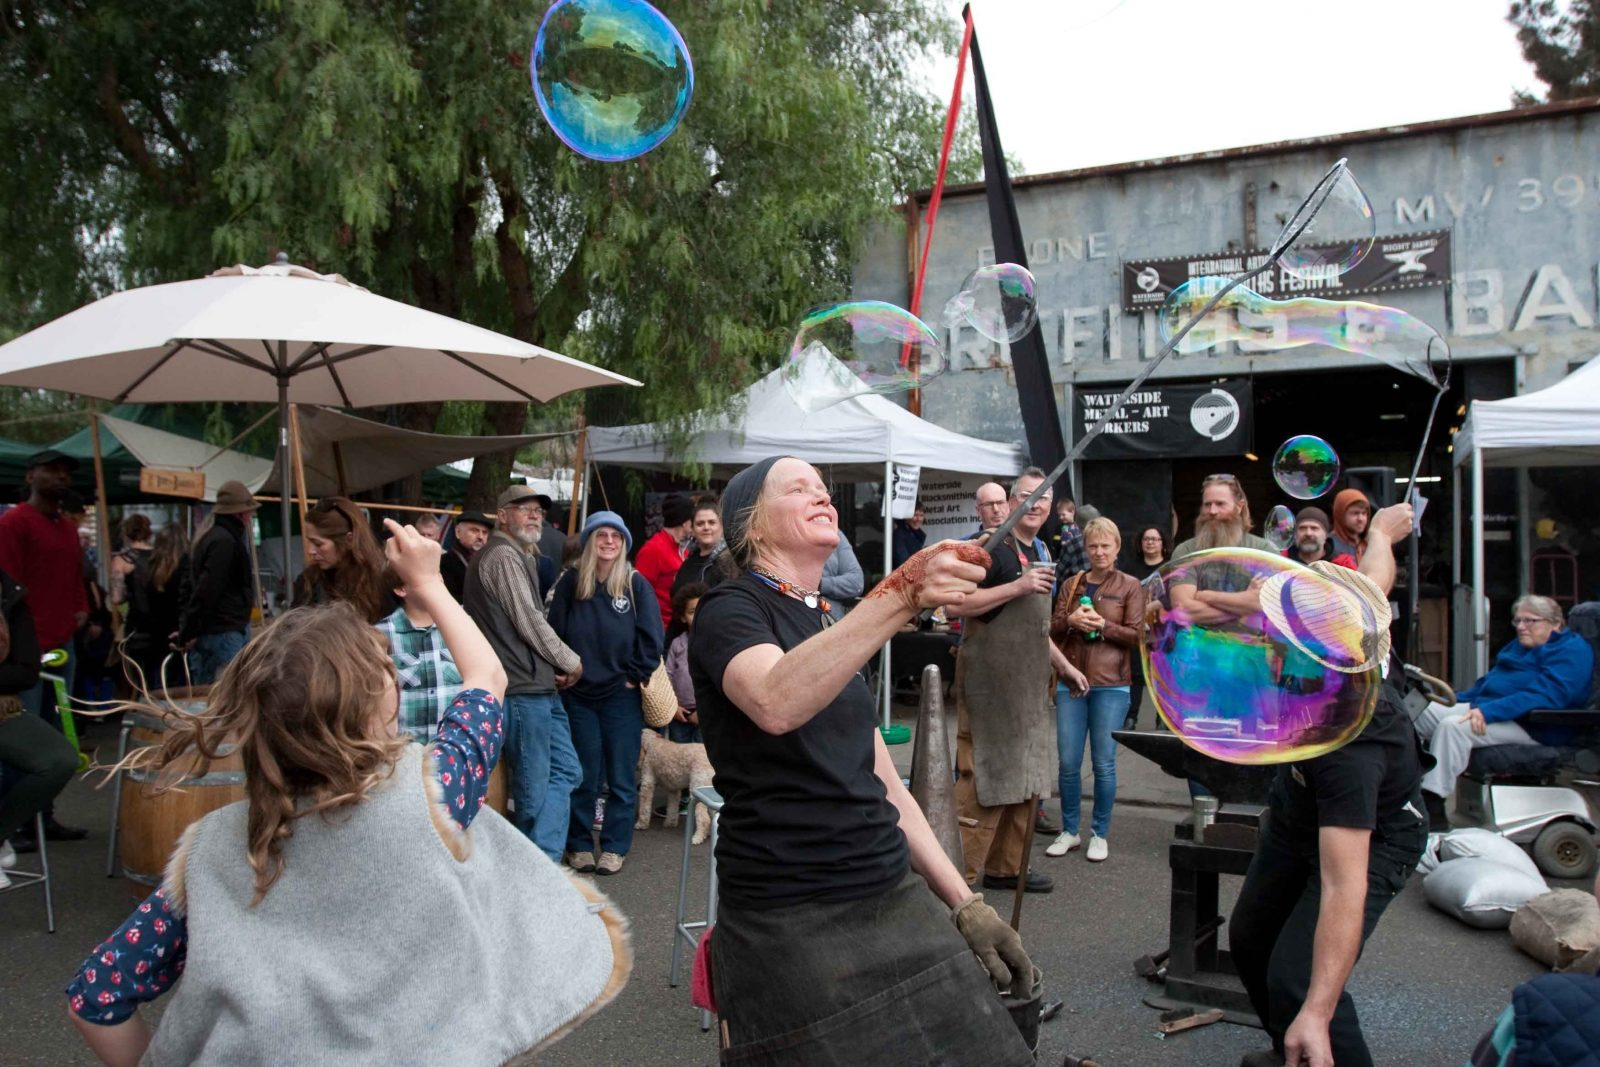 Blacksmiths Festival